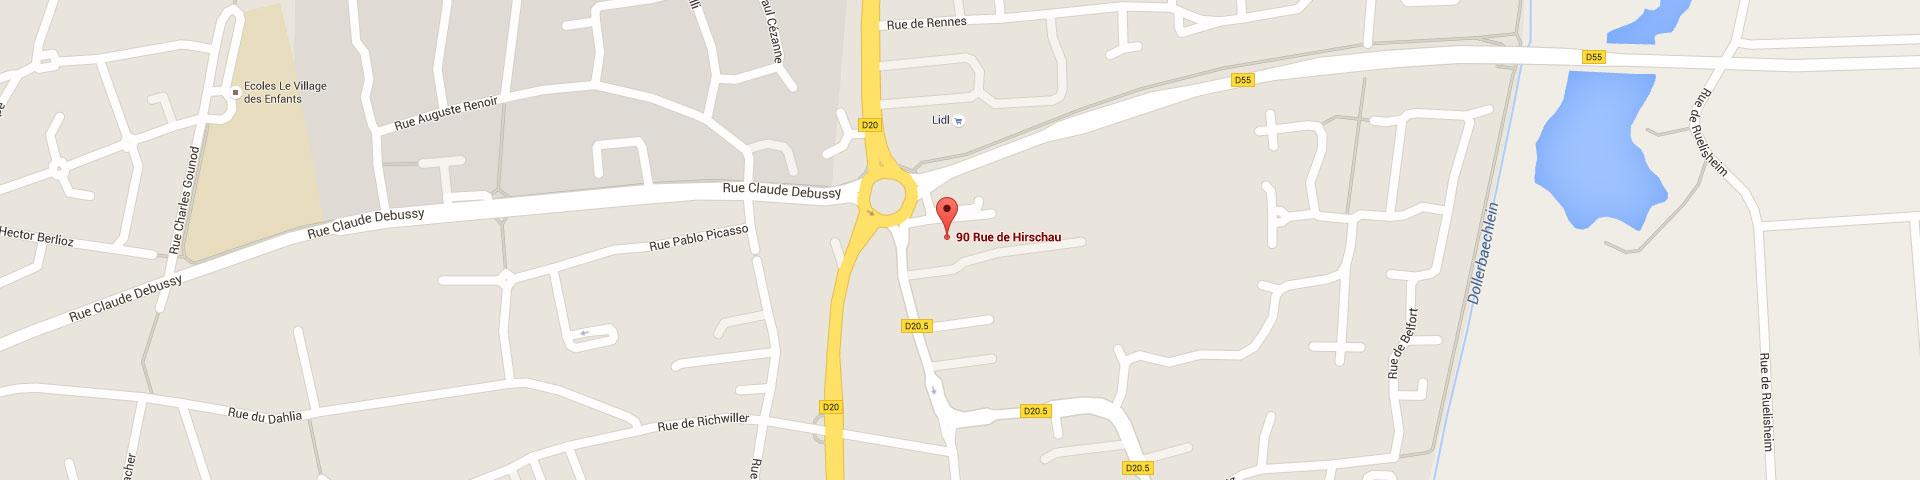 Plan pour géolocaliser l'auto-école larger dans Kingersheim